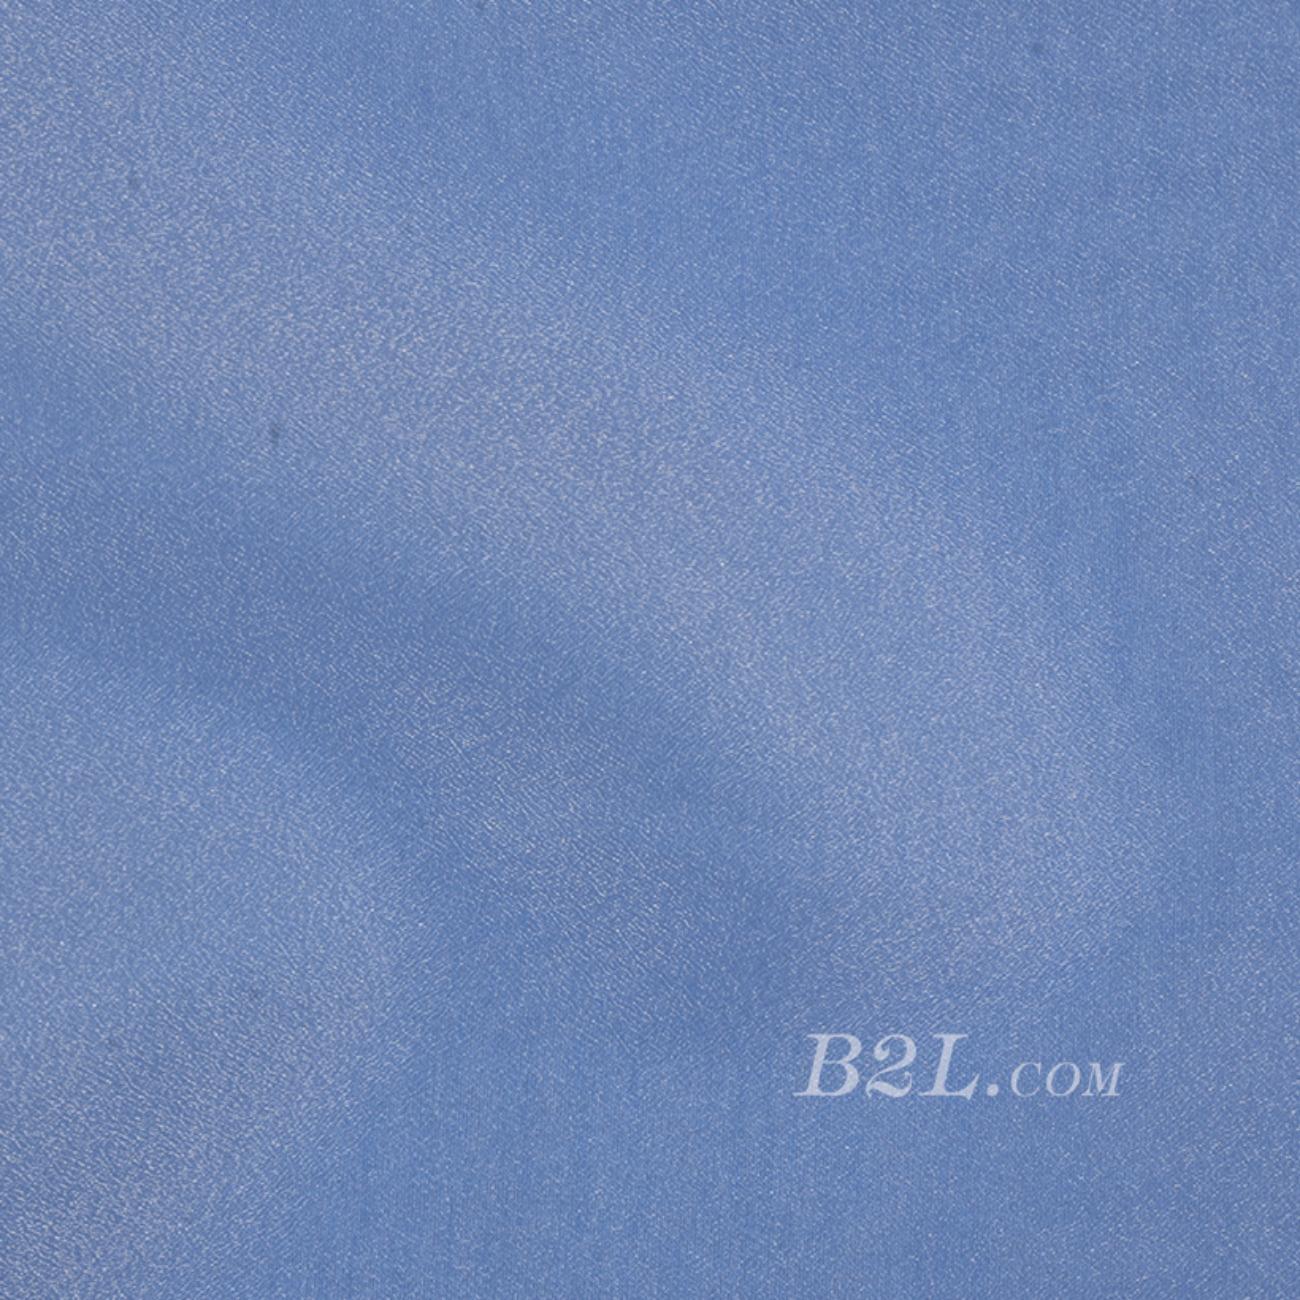 素色 梭织 低弹 薄 云彩纱 春夏 连衣裙 T恤 女装 外套 短裙 81118-36